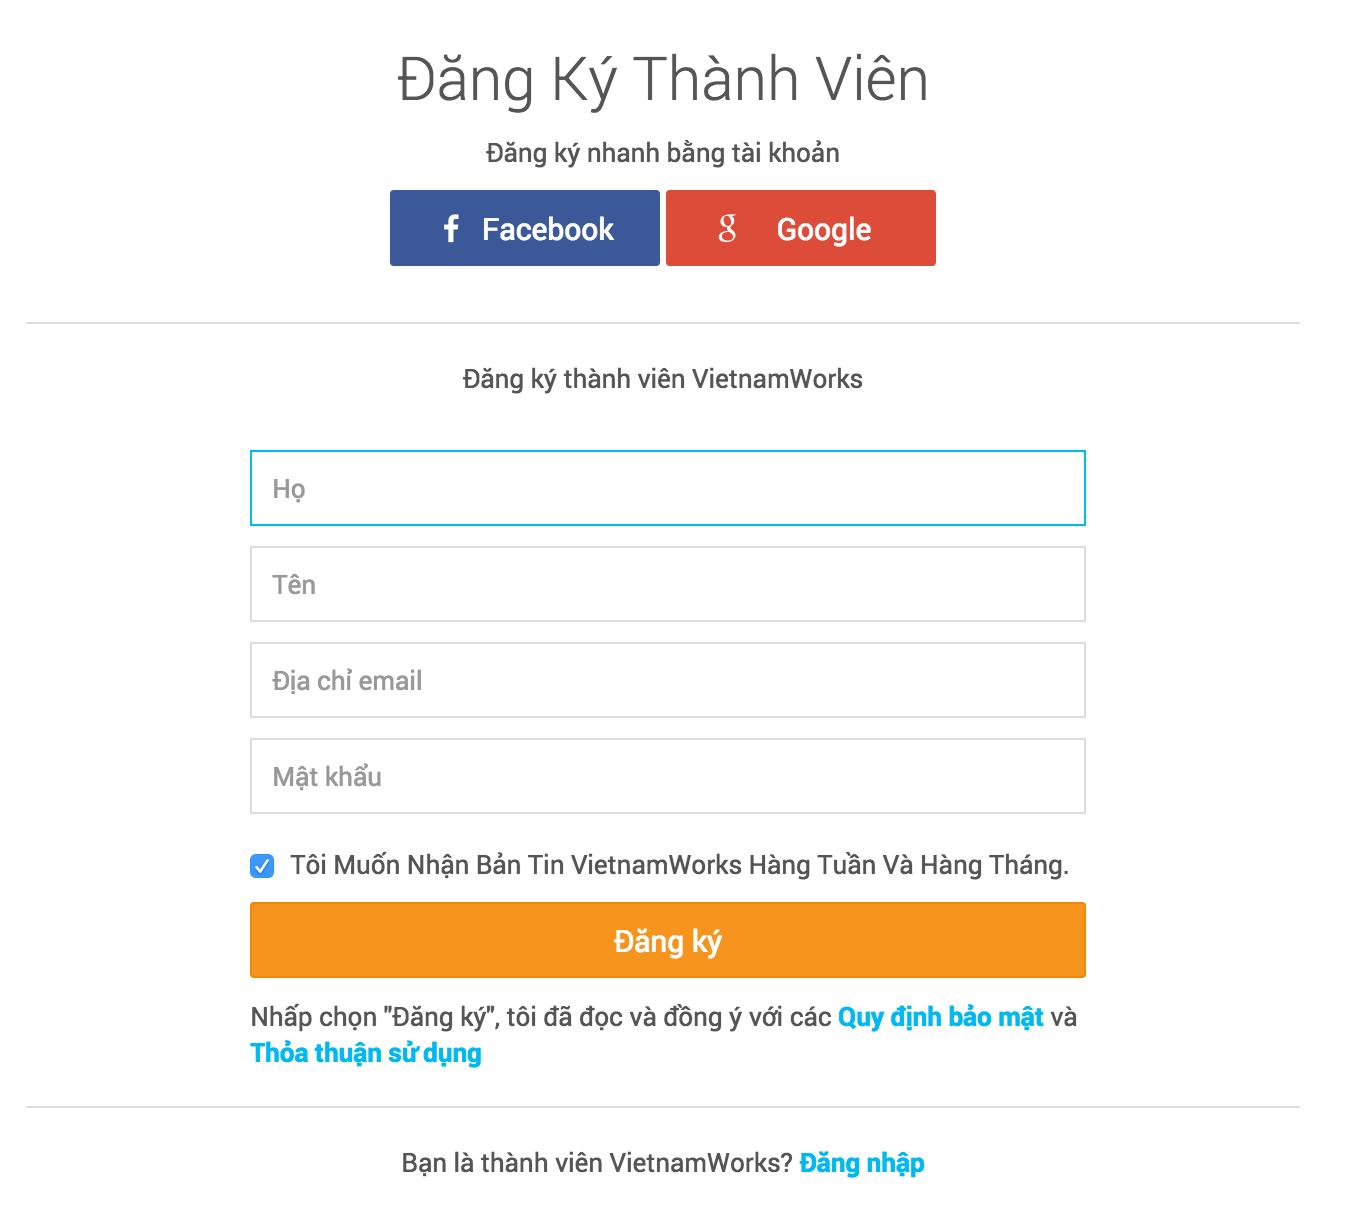 Đăng ký tài khoản VietnamWorks